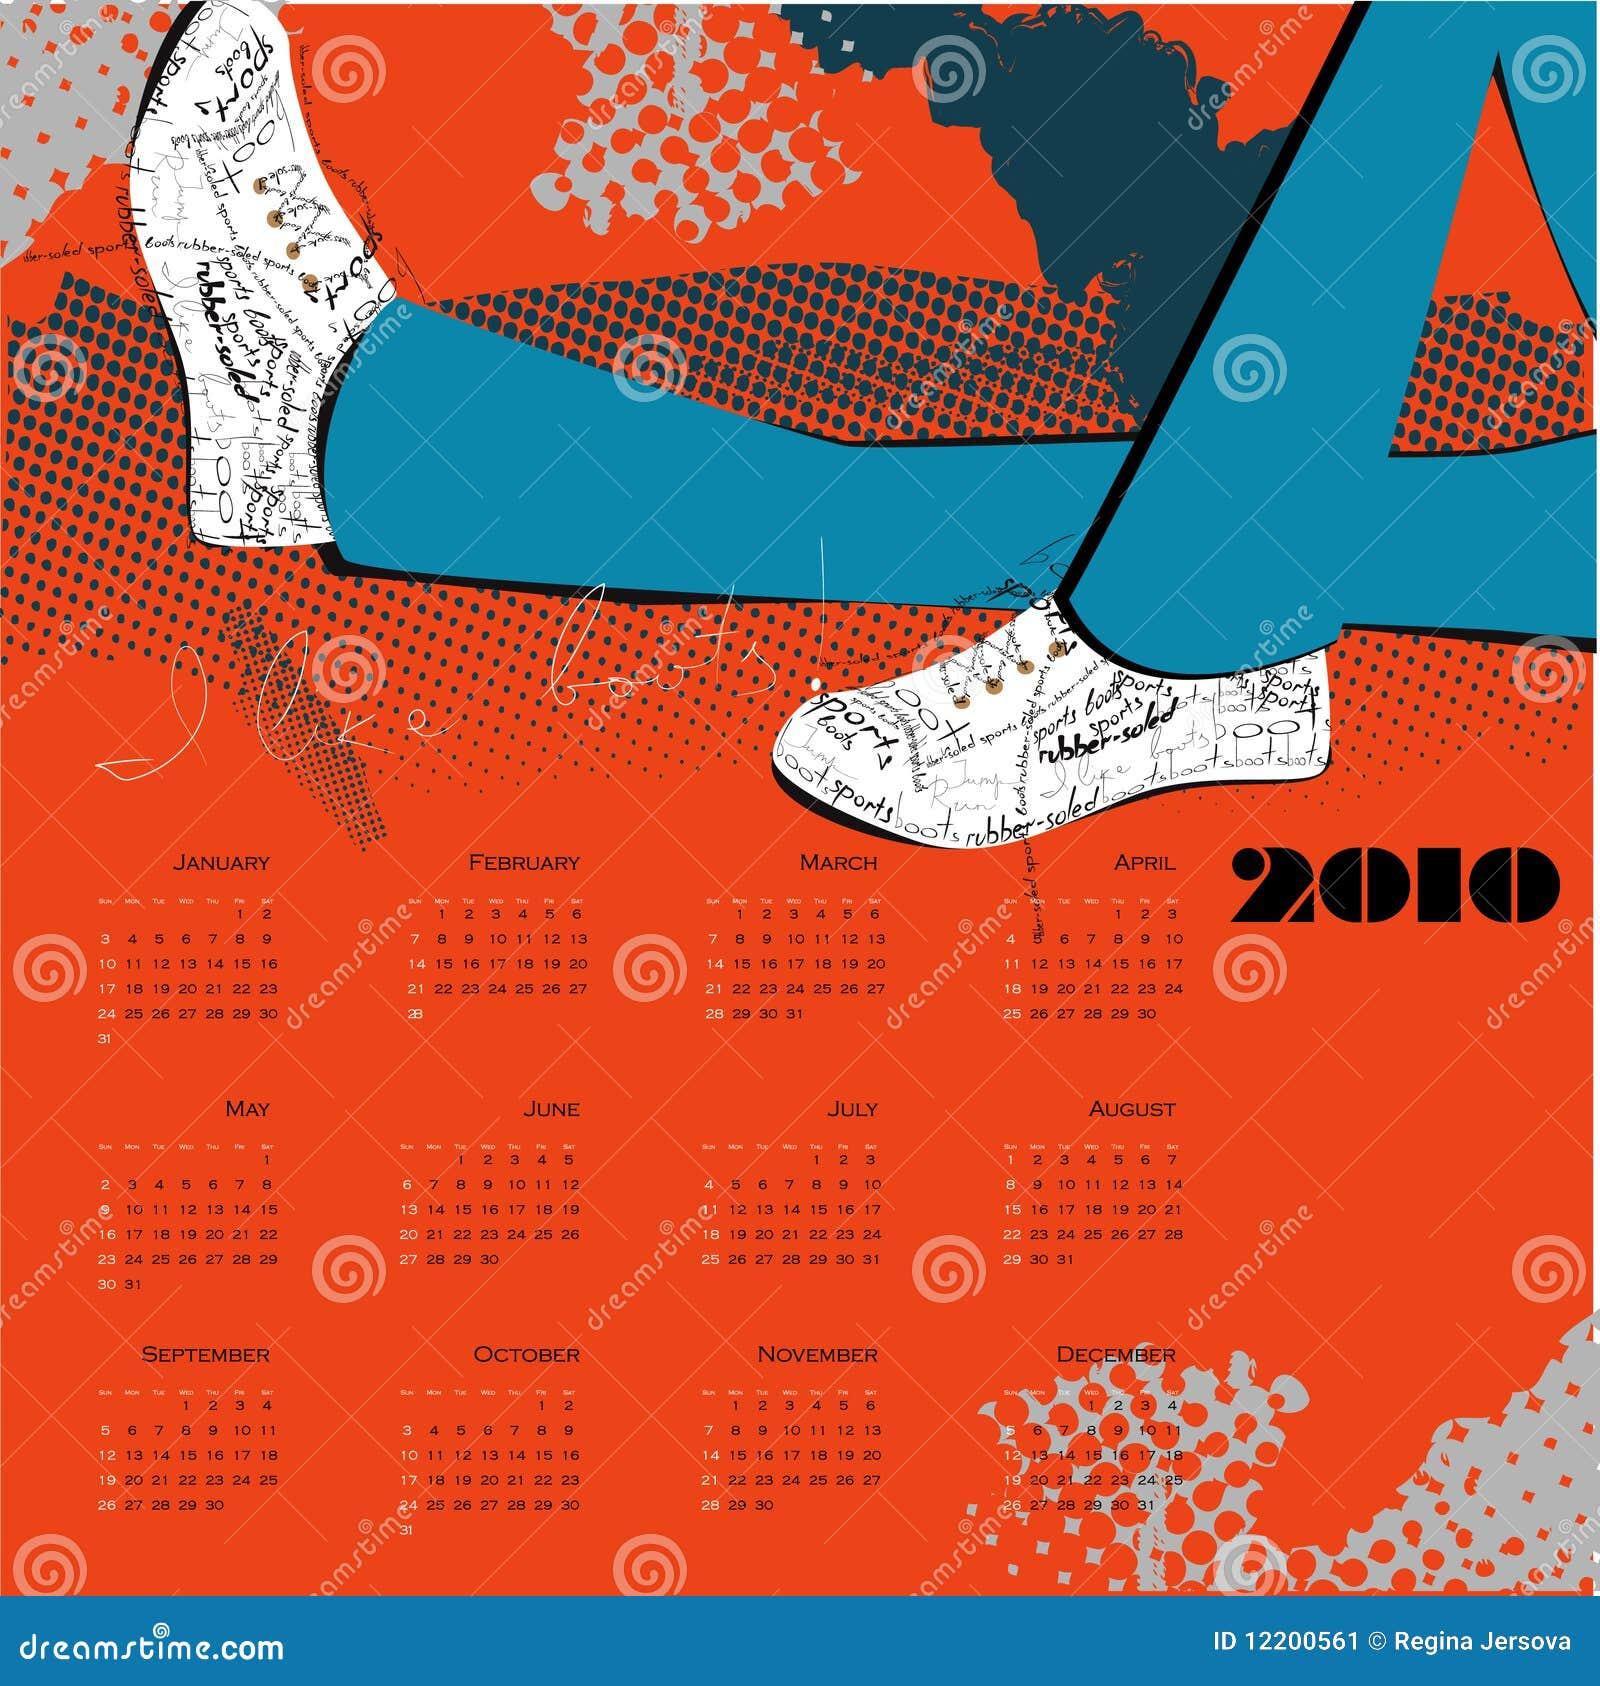 Kalender für 2010 auf englisch mit Matten